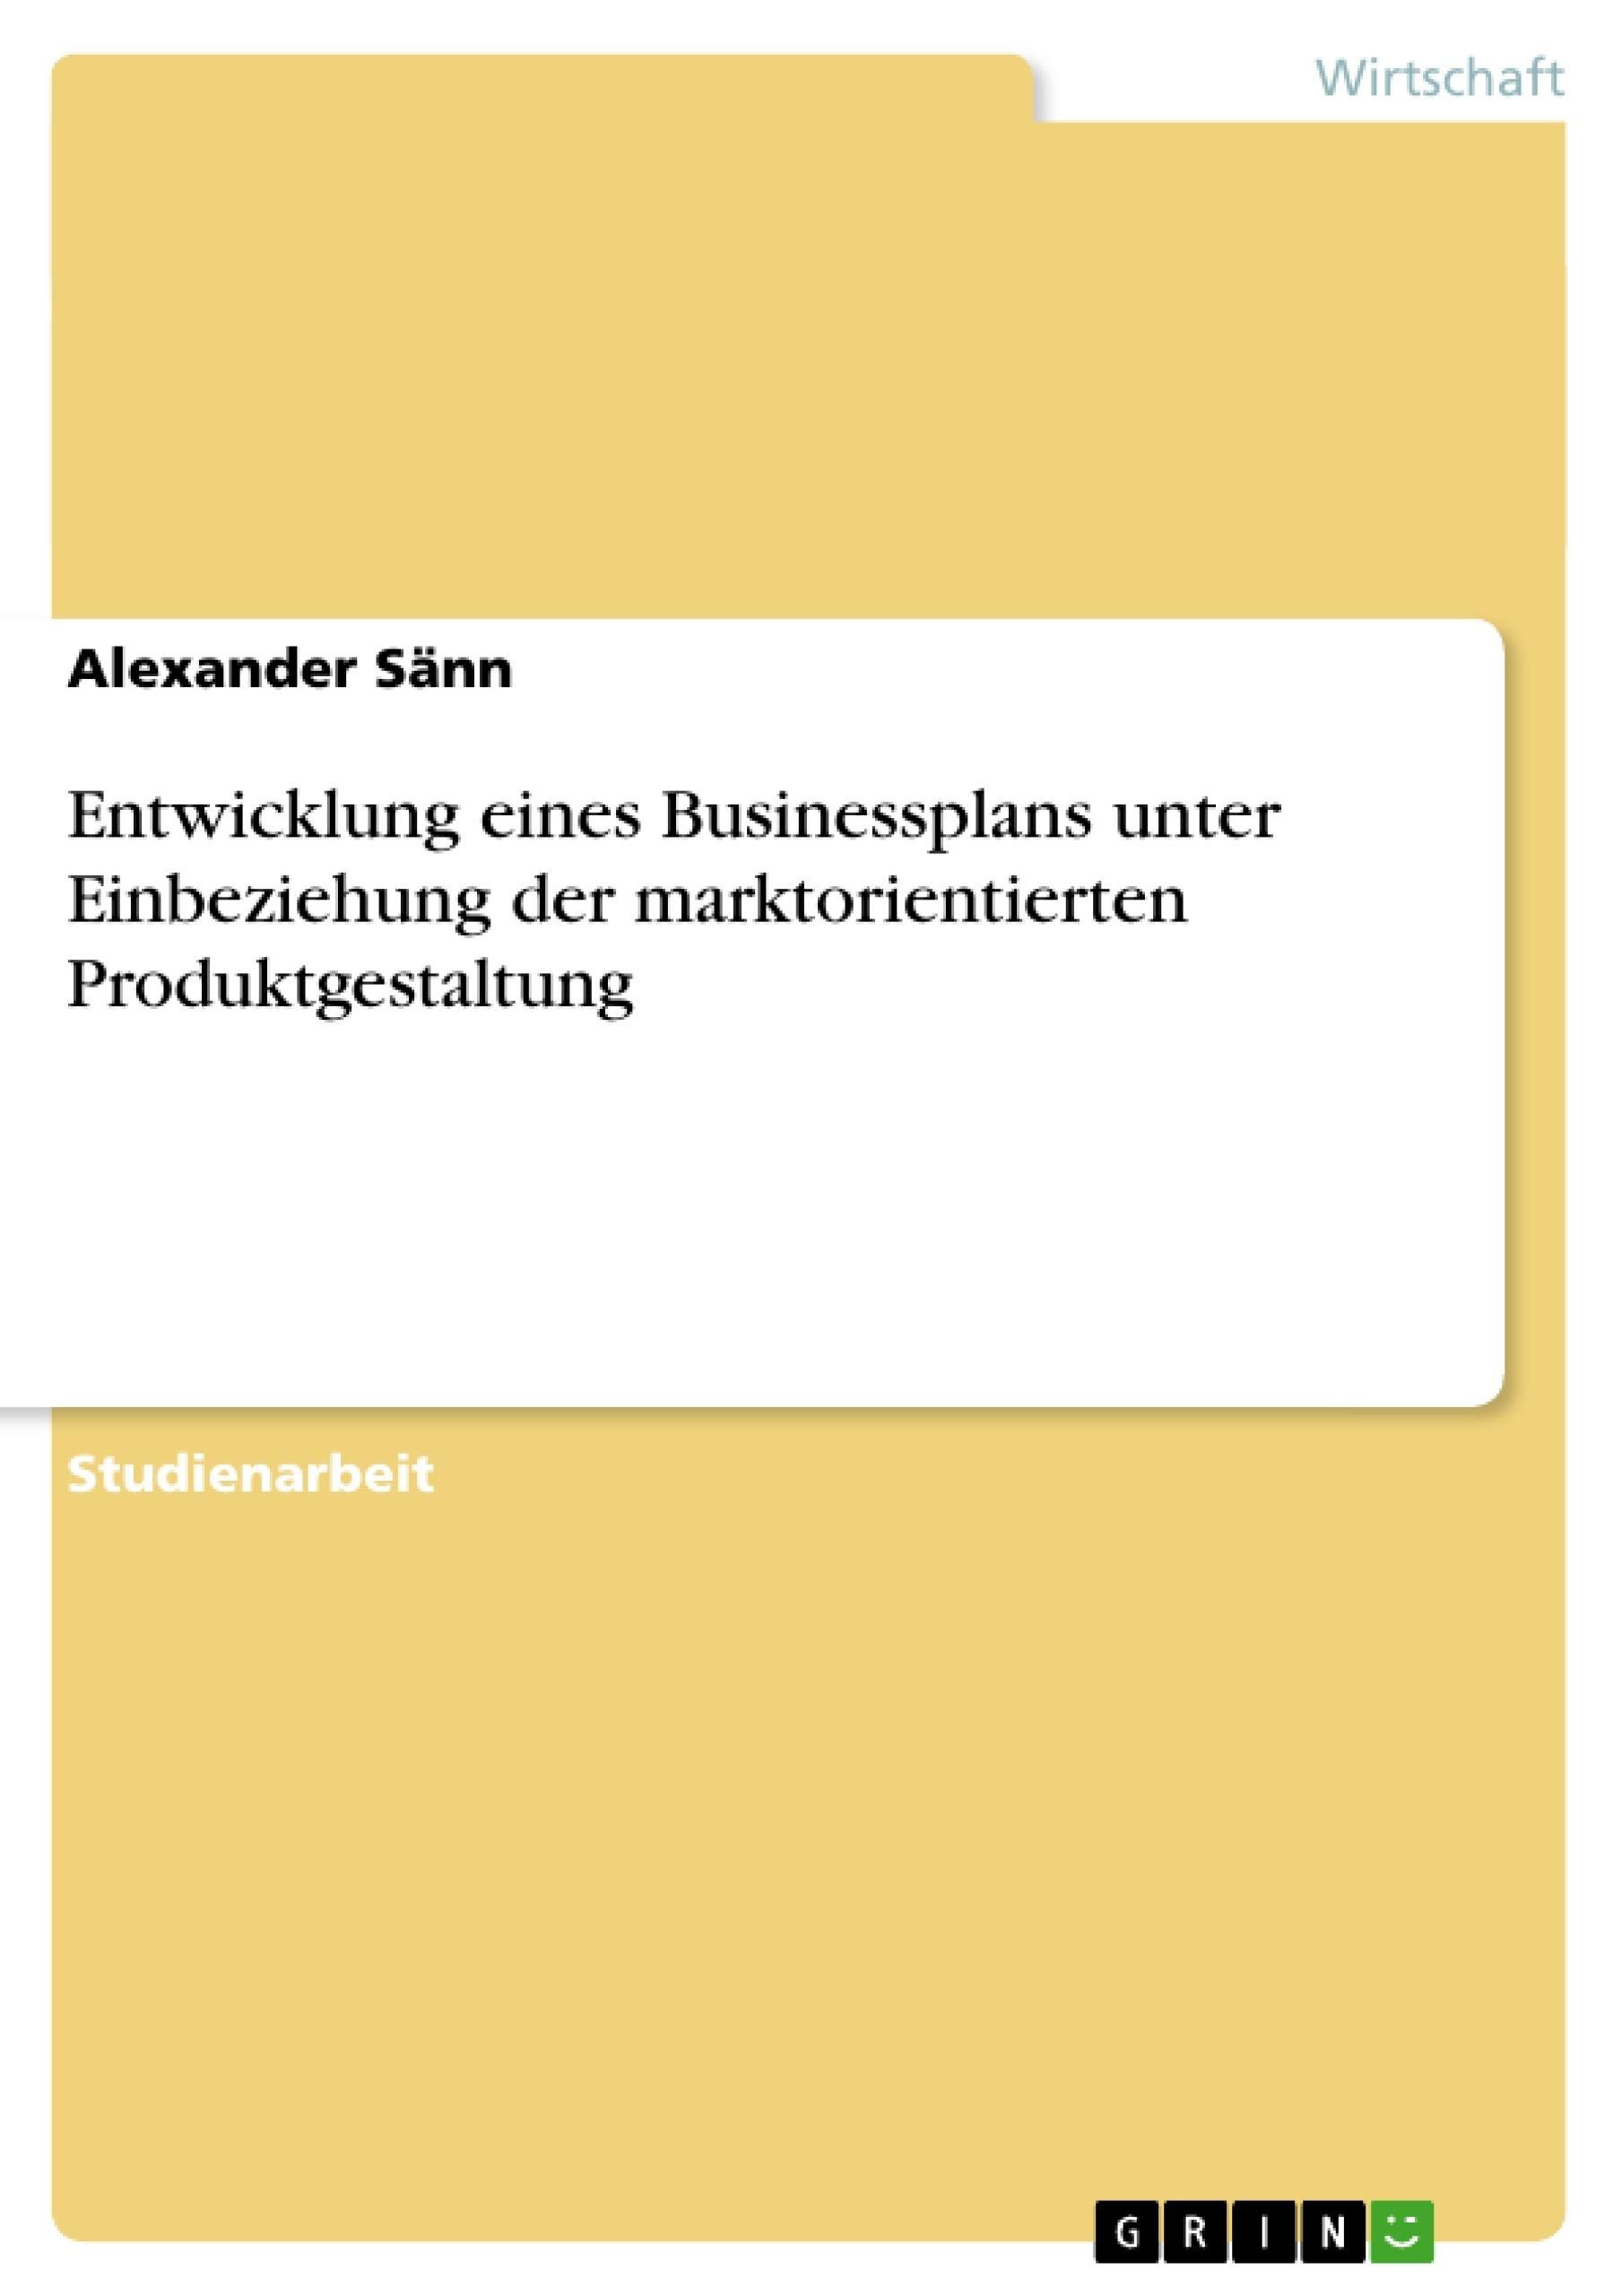 Titel: Entwicklung eines Businessplans unter Einbeziehung der marktorientierten Produktgestaltung